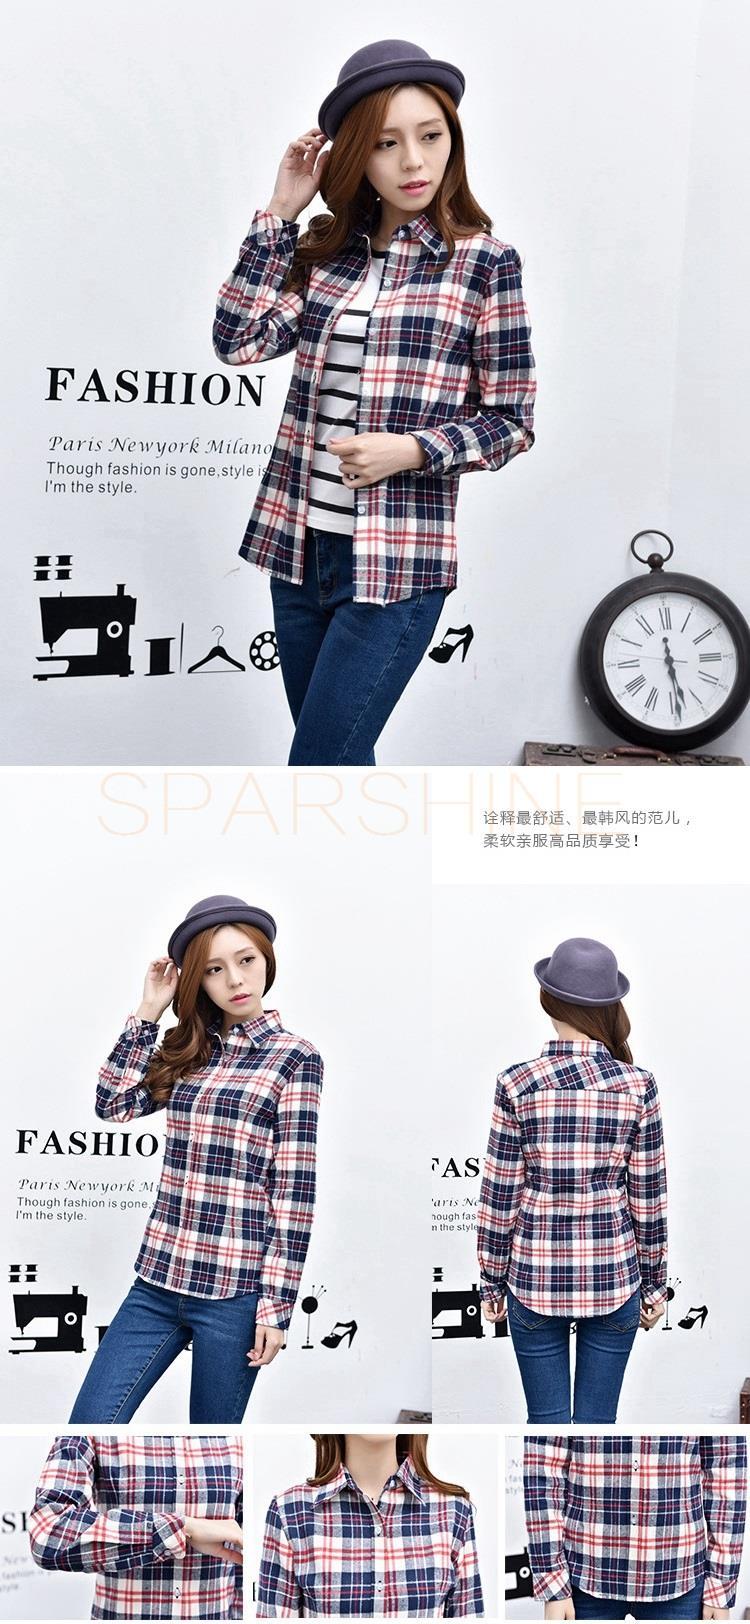 HTB1nlLwLFXXXXX.XpXXq6xXFXXXp - Girl's Plaid Flannel Shirt PTC 67